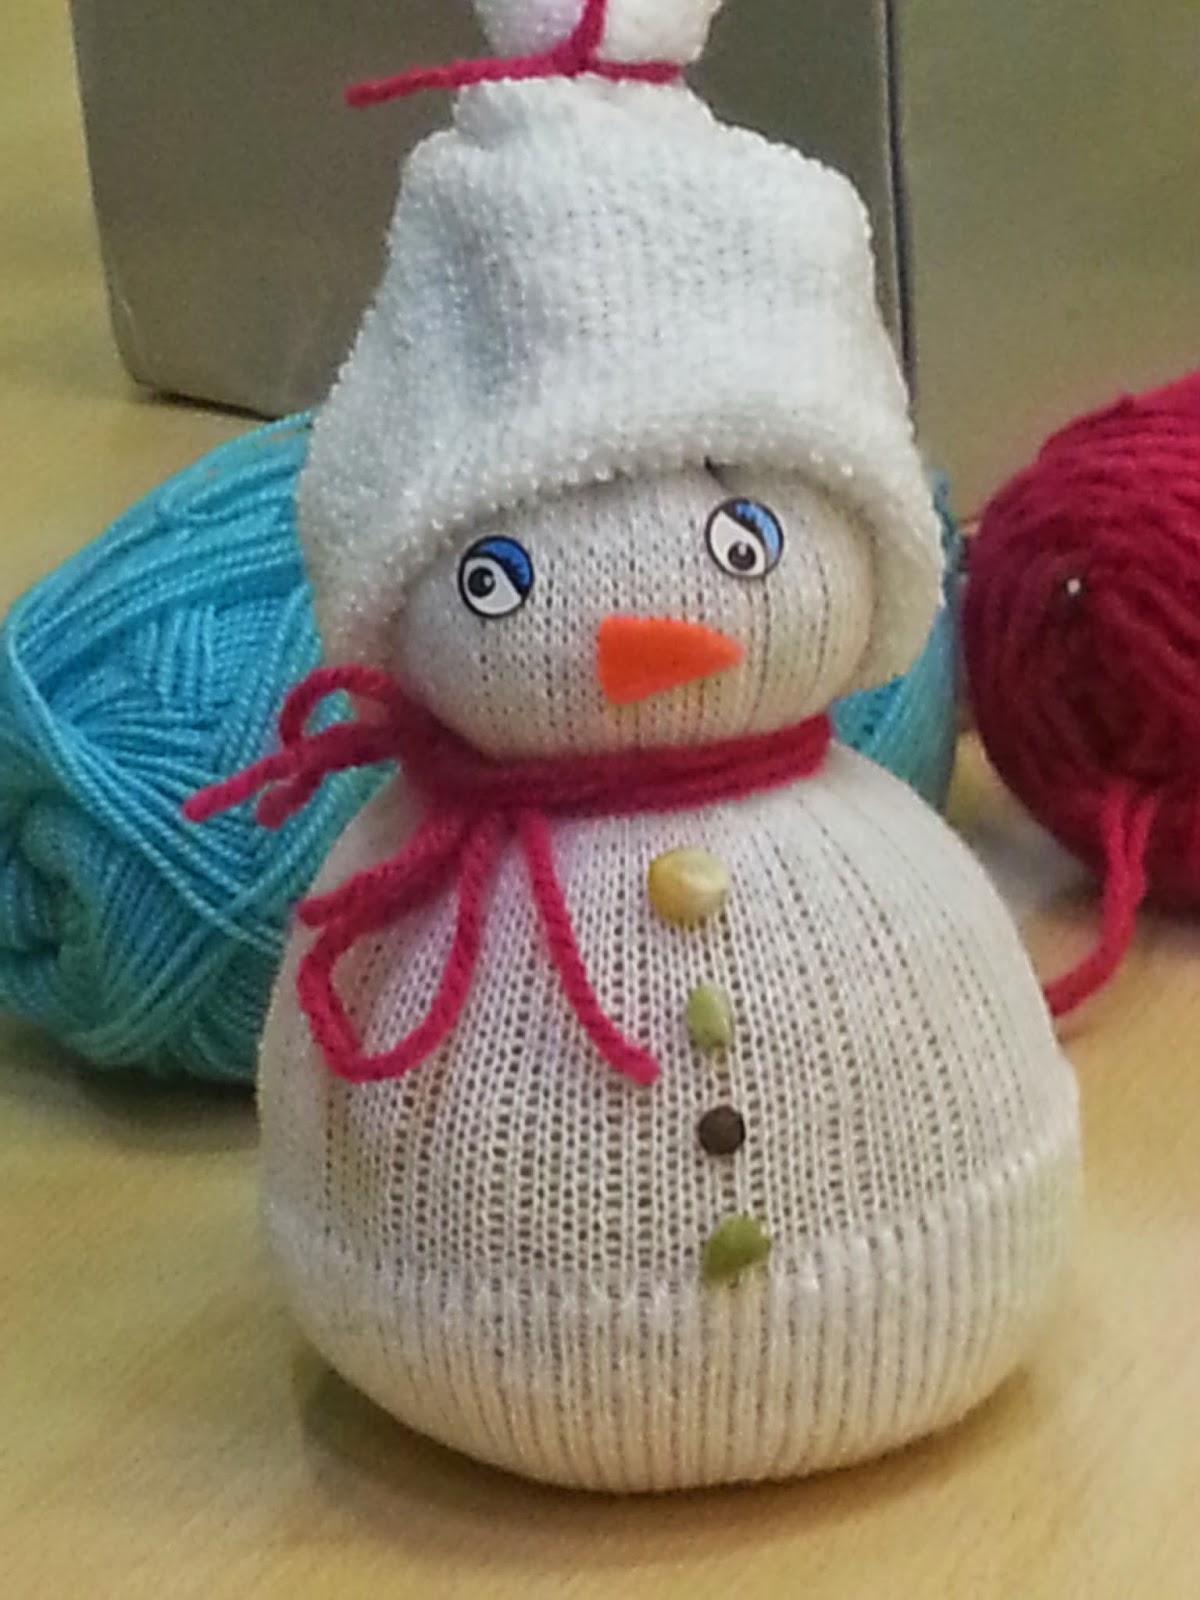 périscolaire de rettel: le bonhomme de neige chaussette